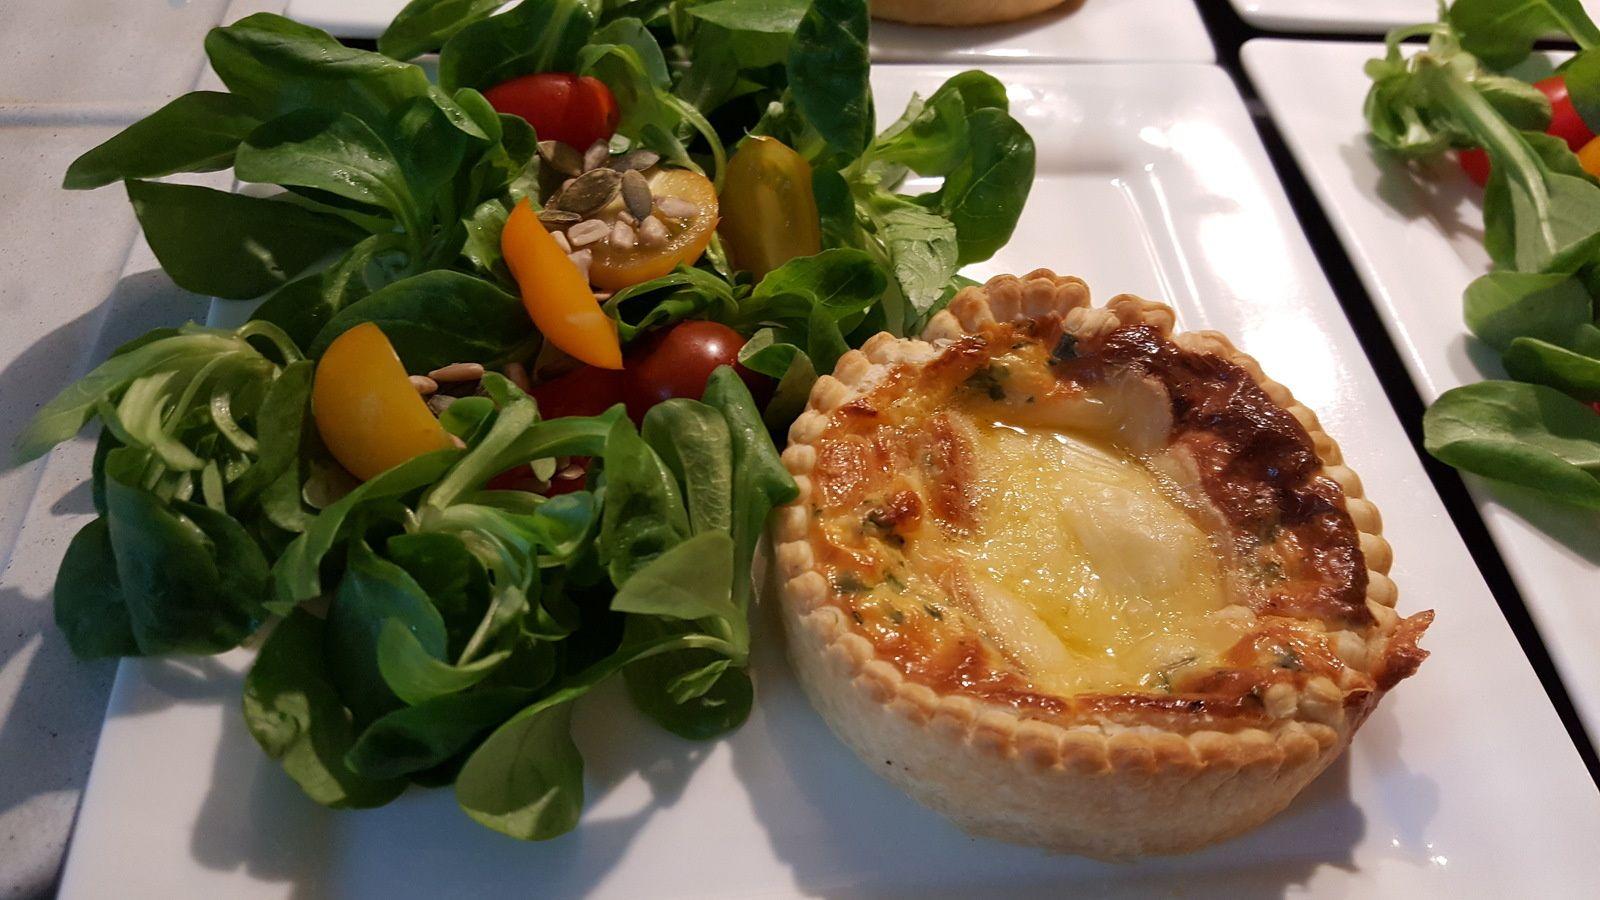 Comme j'ai ramené du fromage de mes vacances d'Auvergne, je travaille un peu le fromage en ce moment. Voici une délicieuse recette de quiche que j'ai accompagné de mâche, méli-mélo de tomates cerise et de graines croquantes. J'ai utilisé ici l'empreinte...